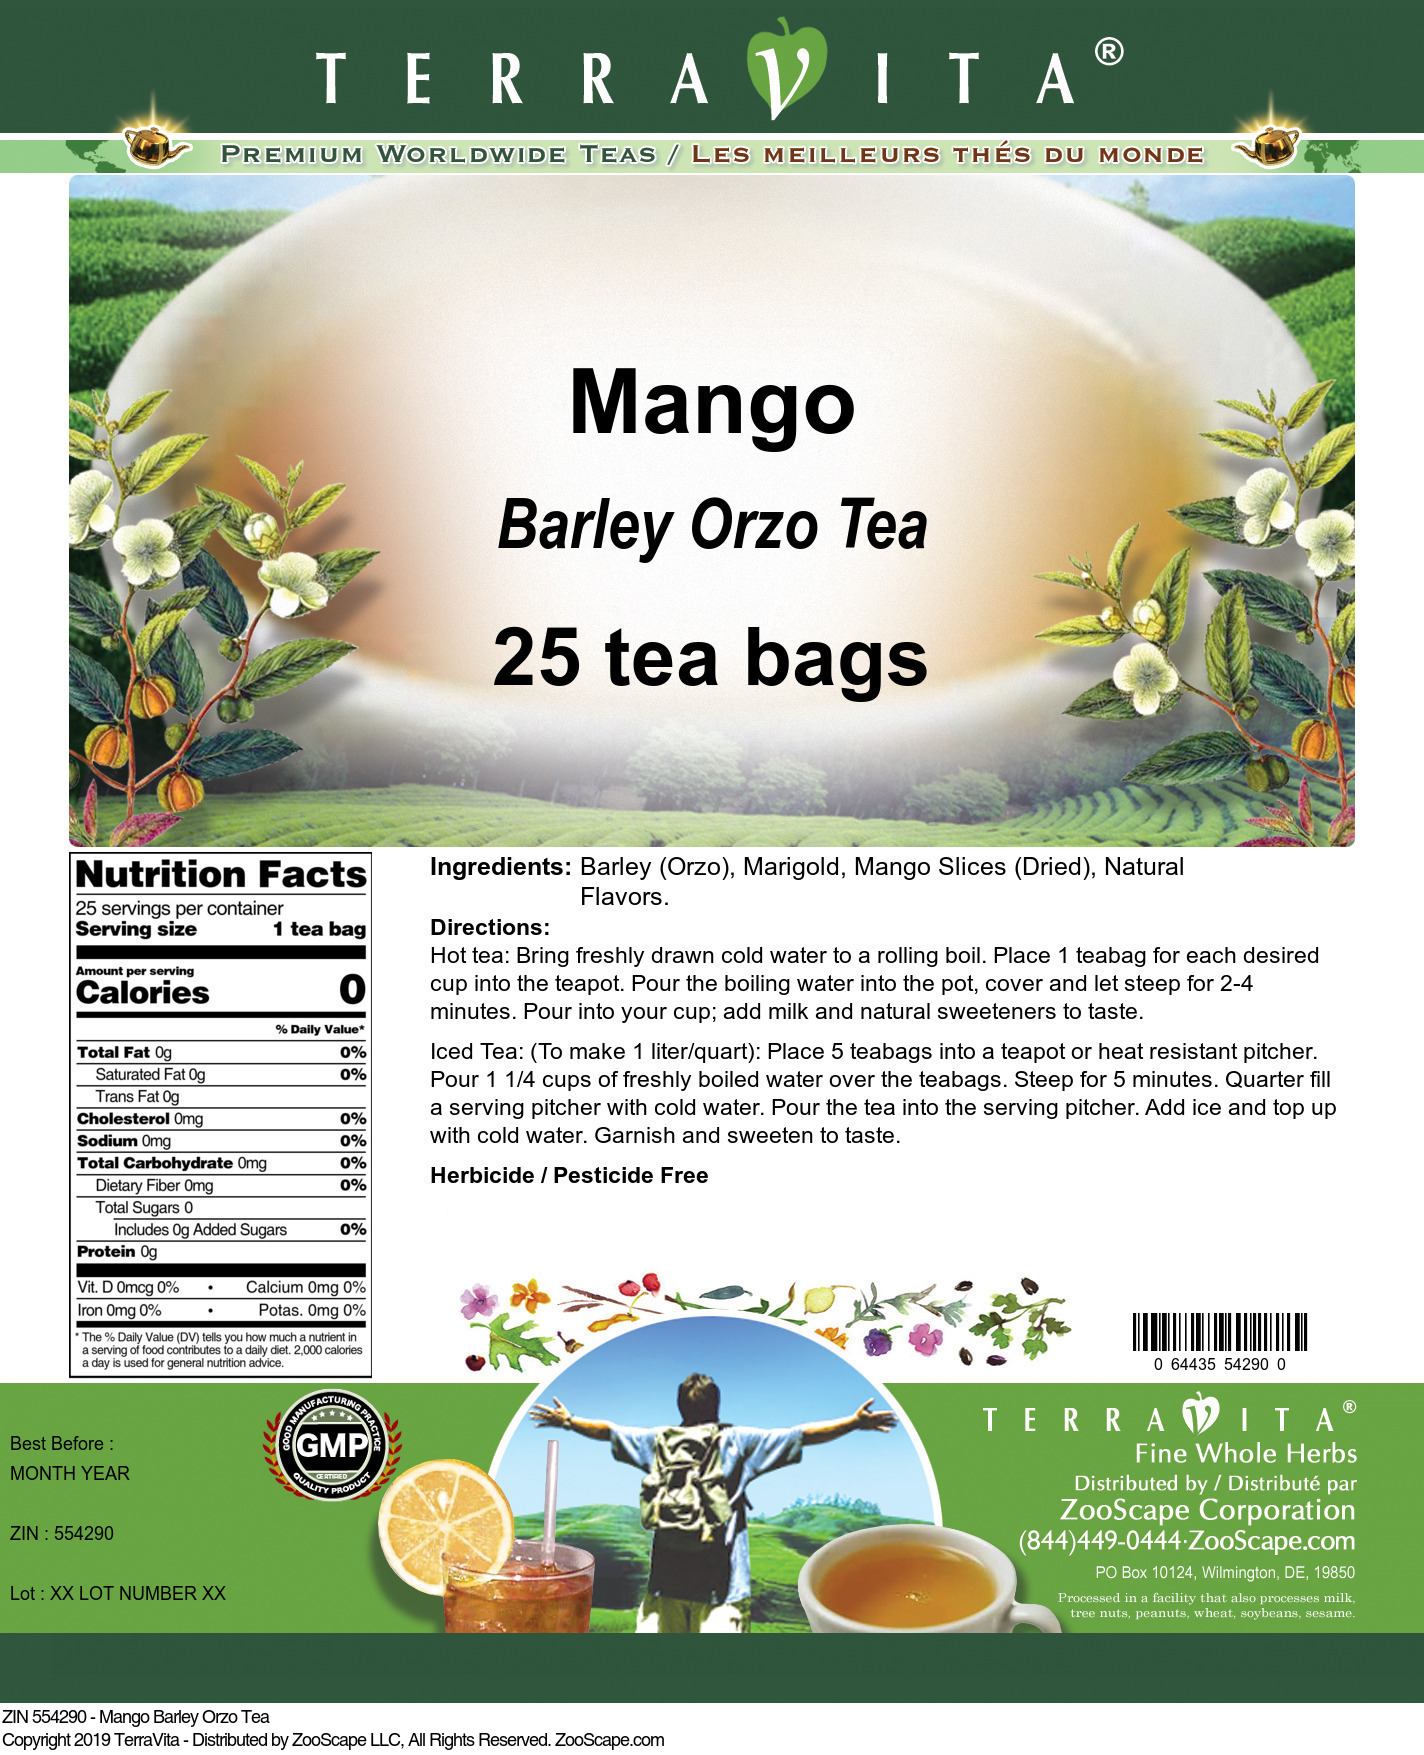 Mango Barley Orzo Tea